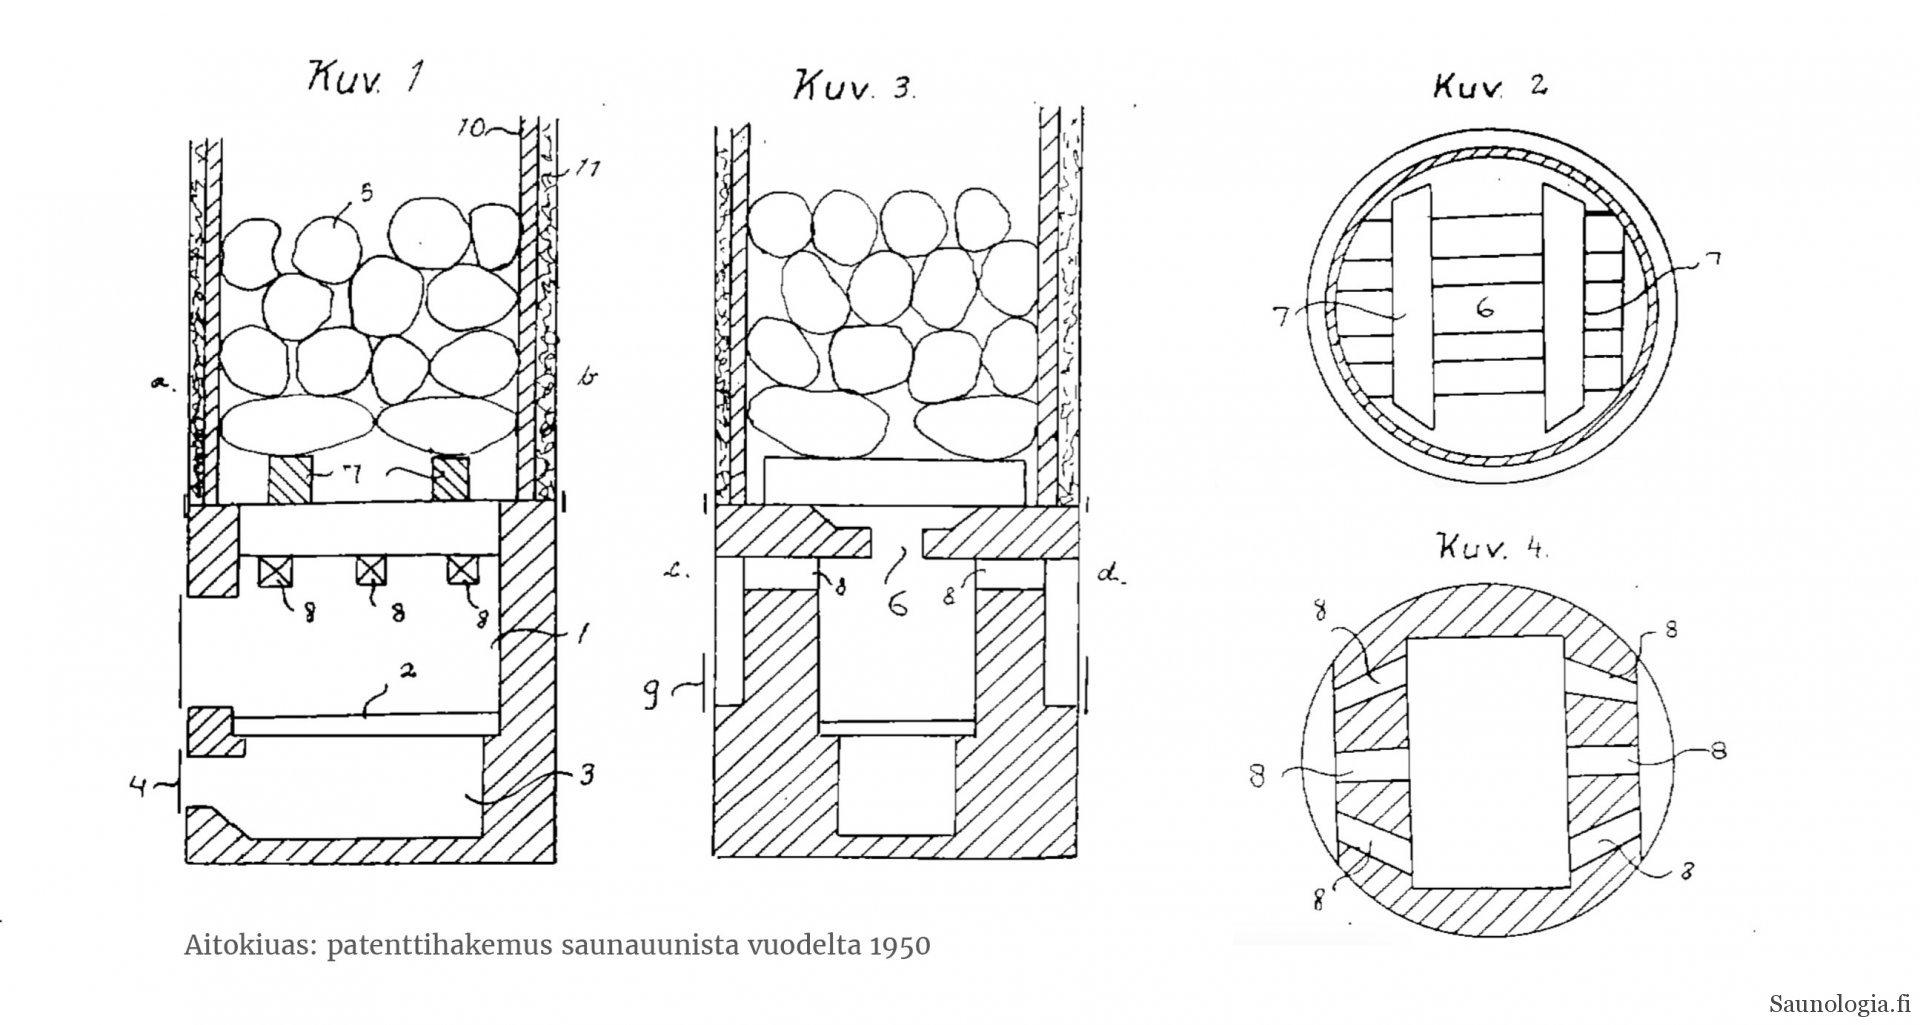 1950-Aitokiuas-patenttihakemus